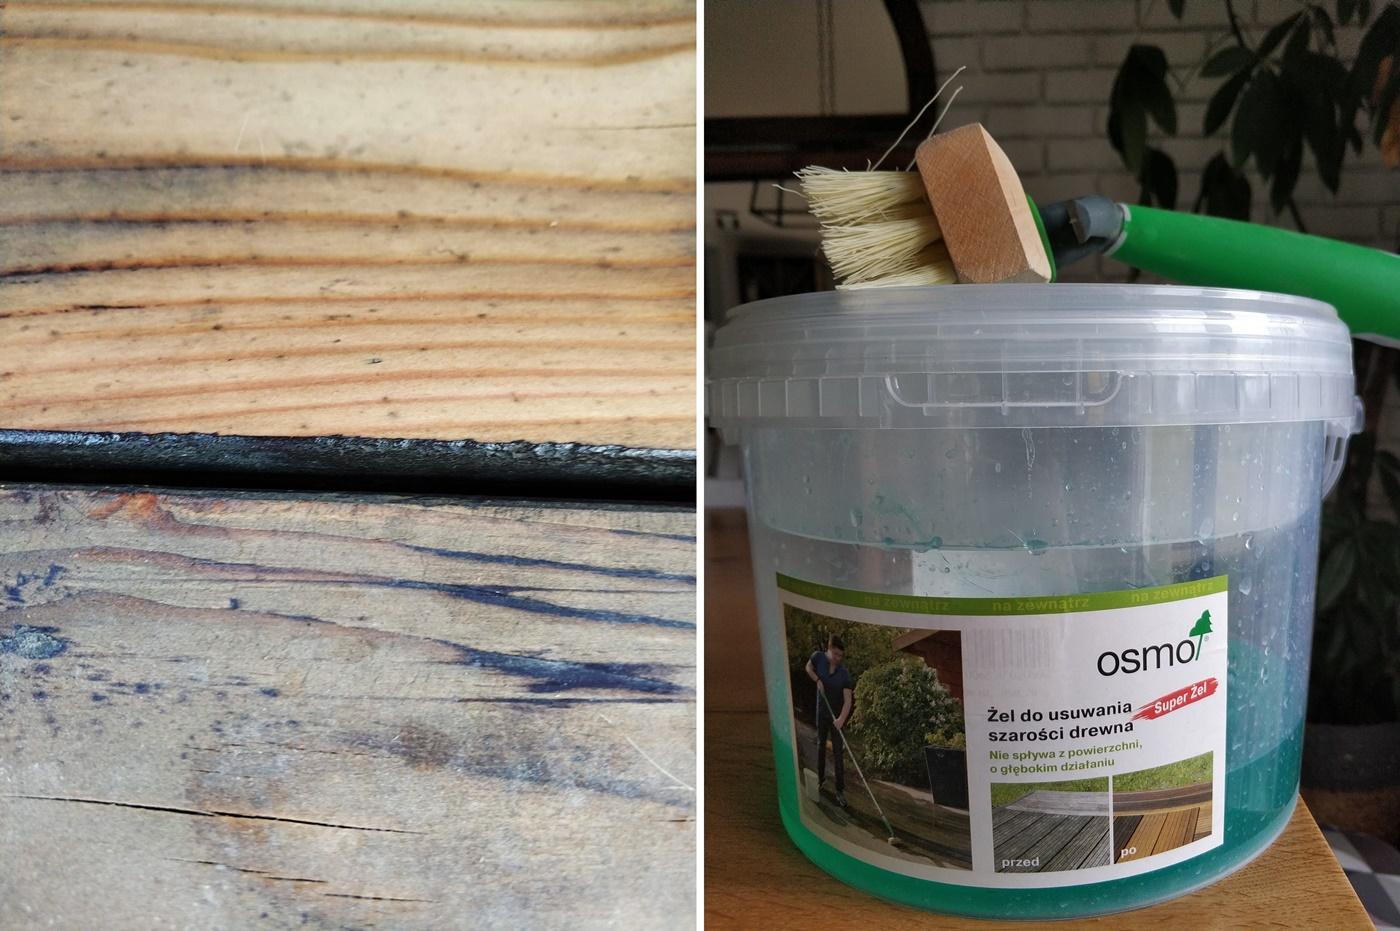 żel do usuwania szarości z drewna osmo